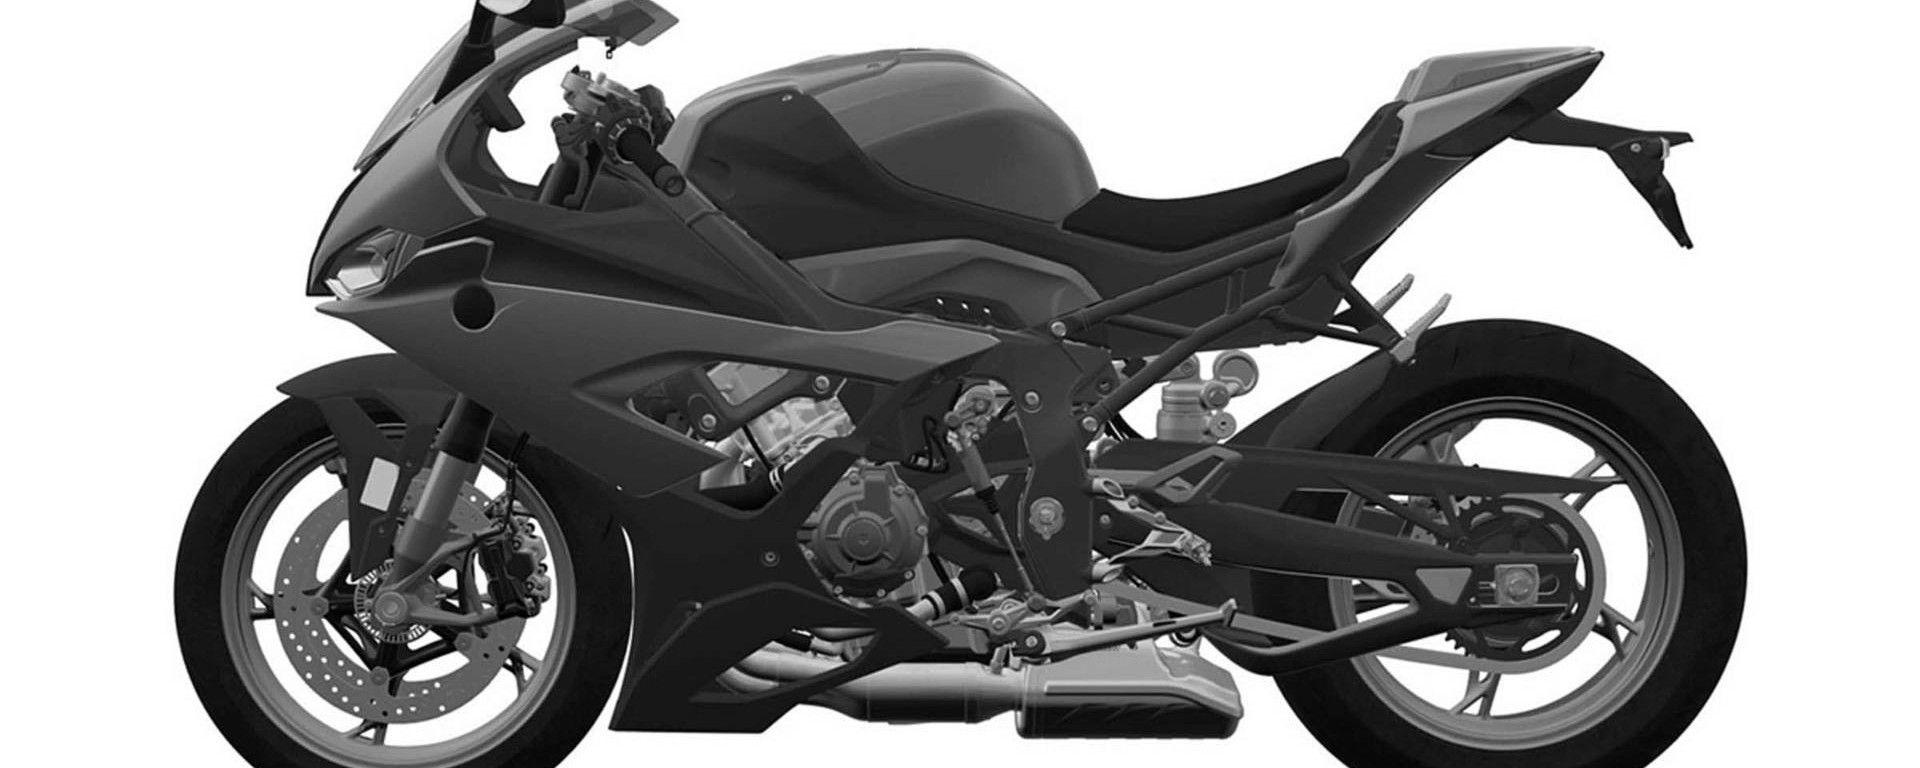 BMW S1000RR: nuovo motore e carene, ecco come sarà